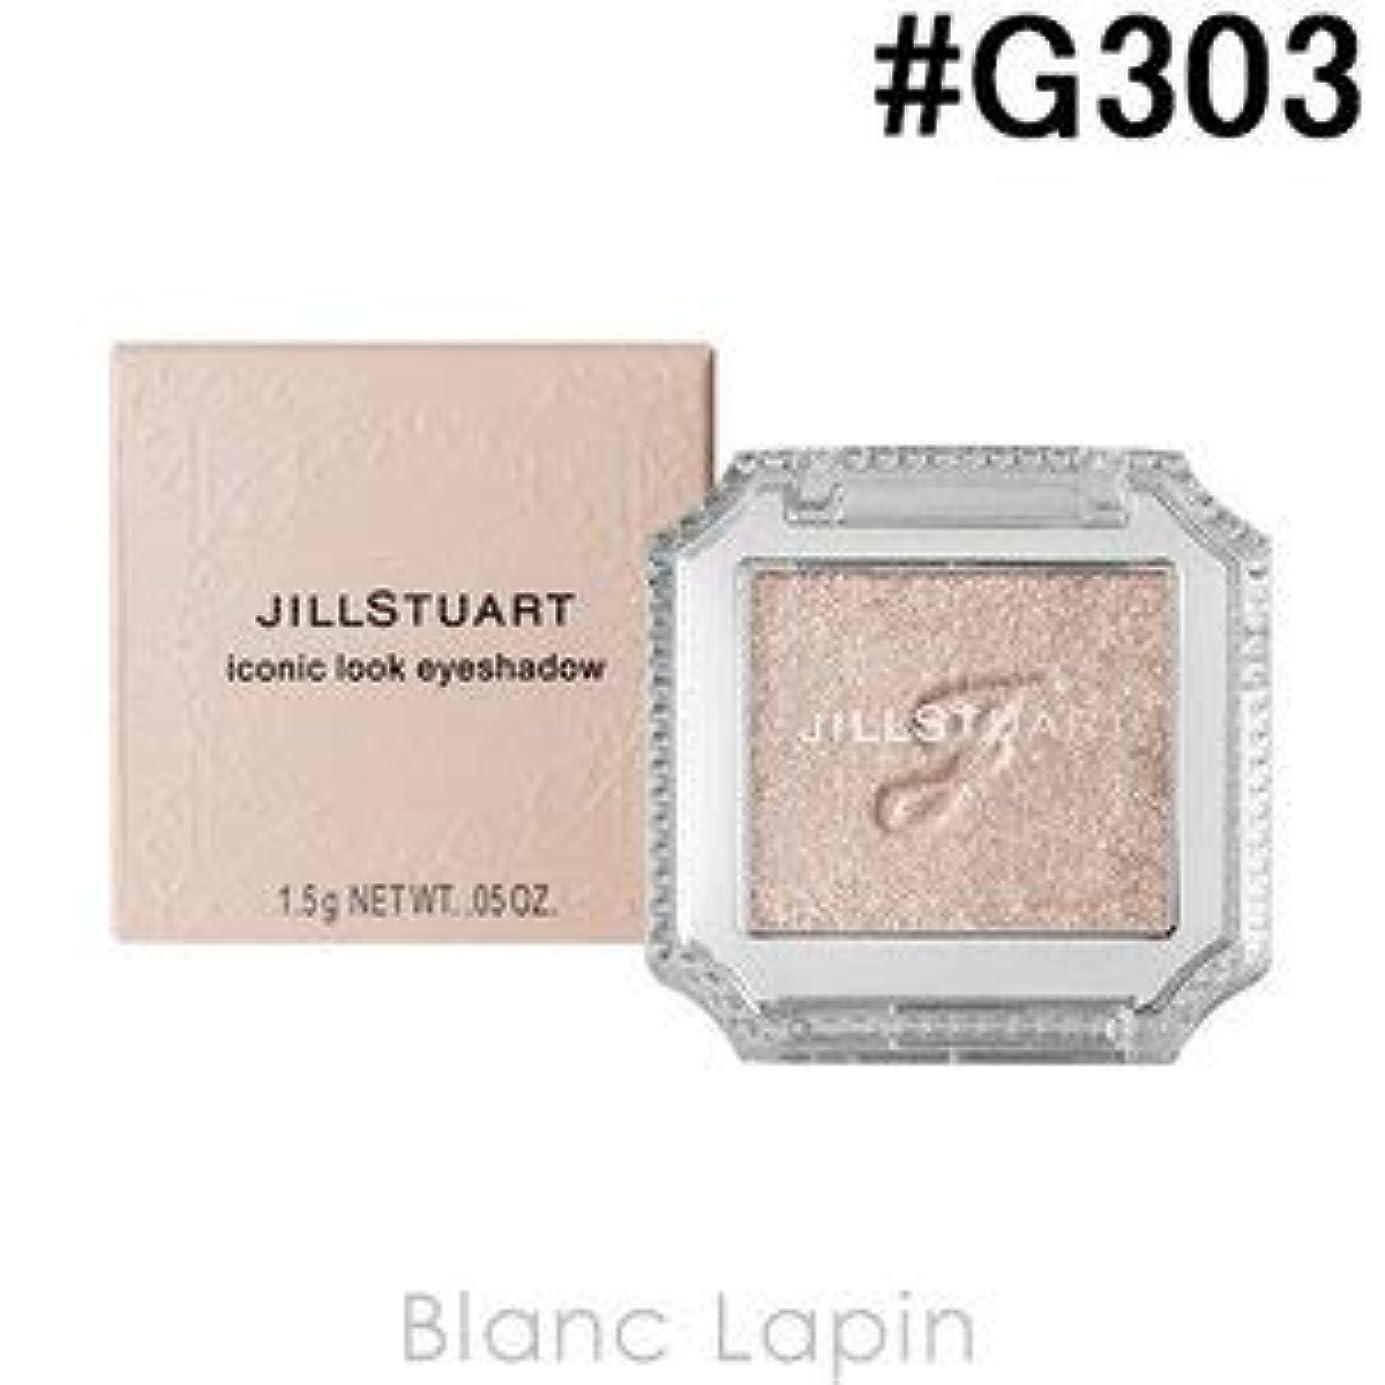 大宇宙シガレット不潔ジルスチュアート JILL STUART アイコニックルックアイシャドウ #G303 bring happiness 1.5g